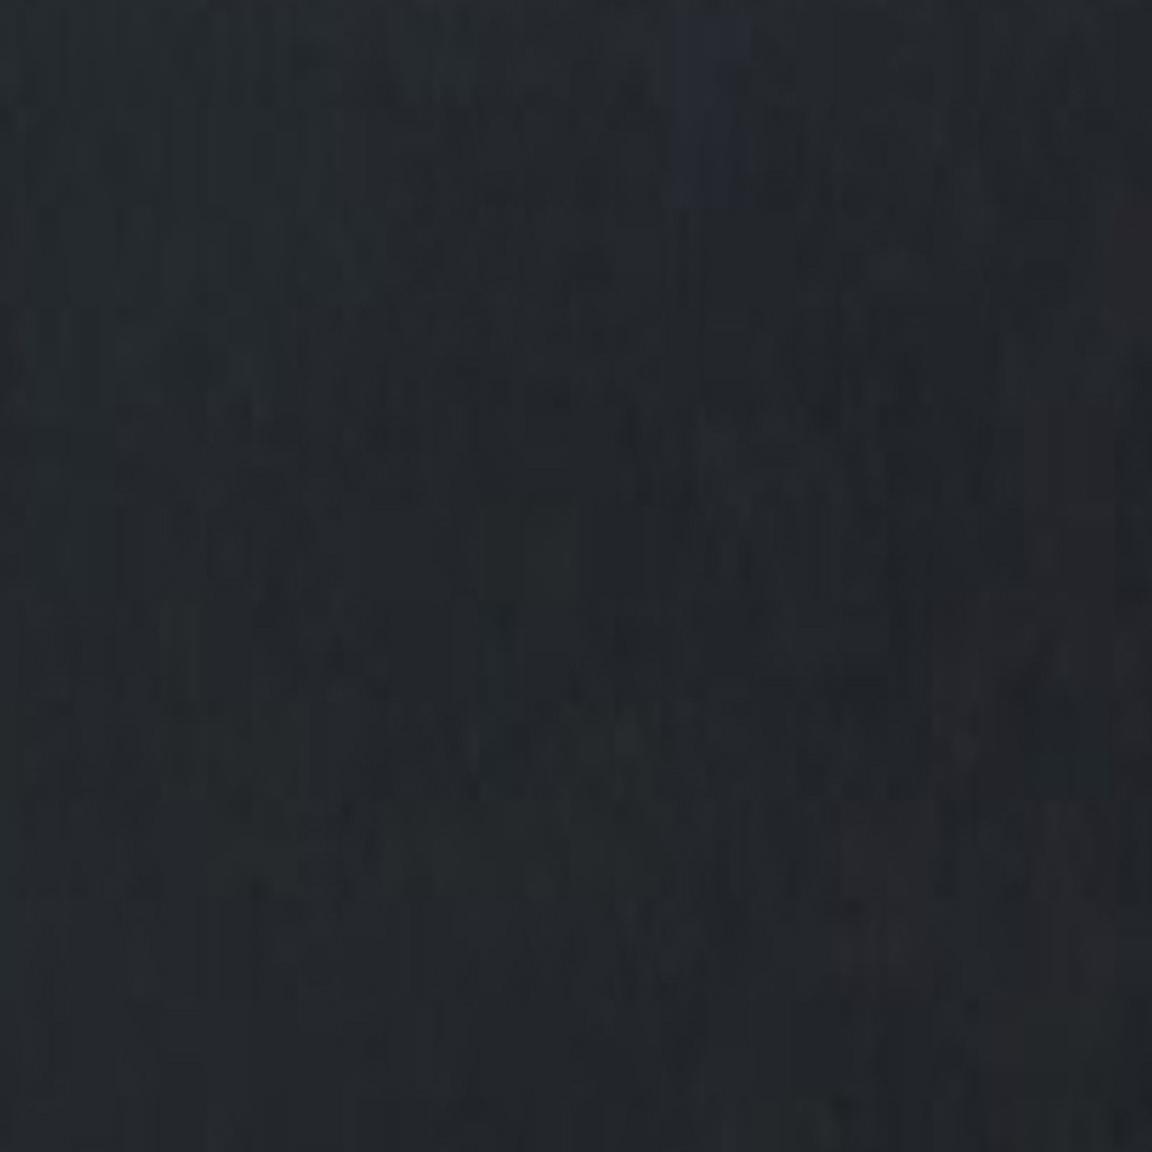 Siyah Emaye - Düz Yüzey